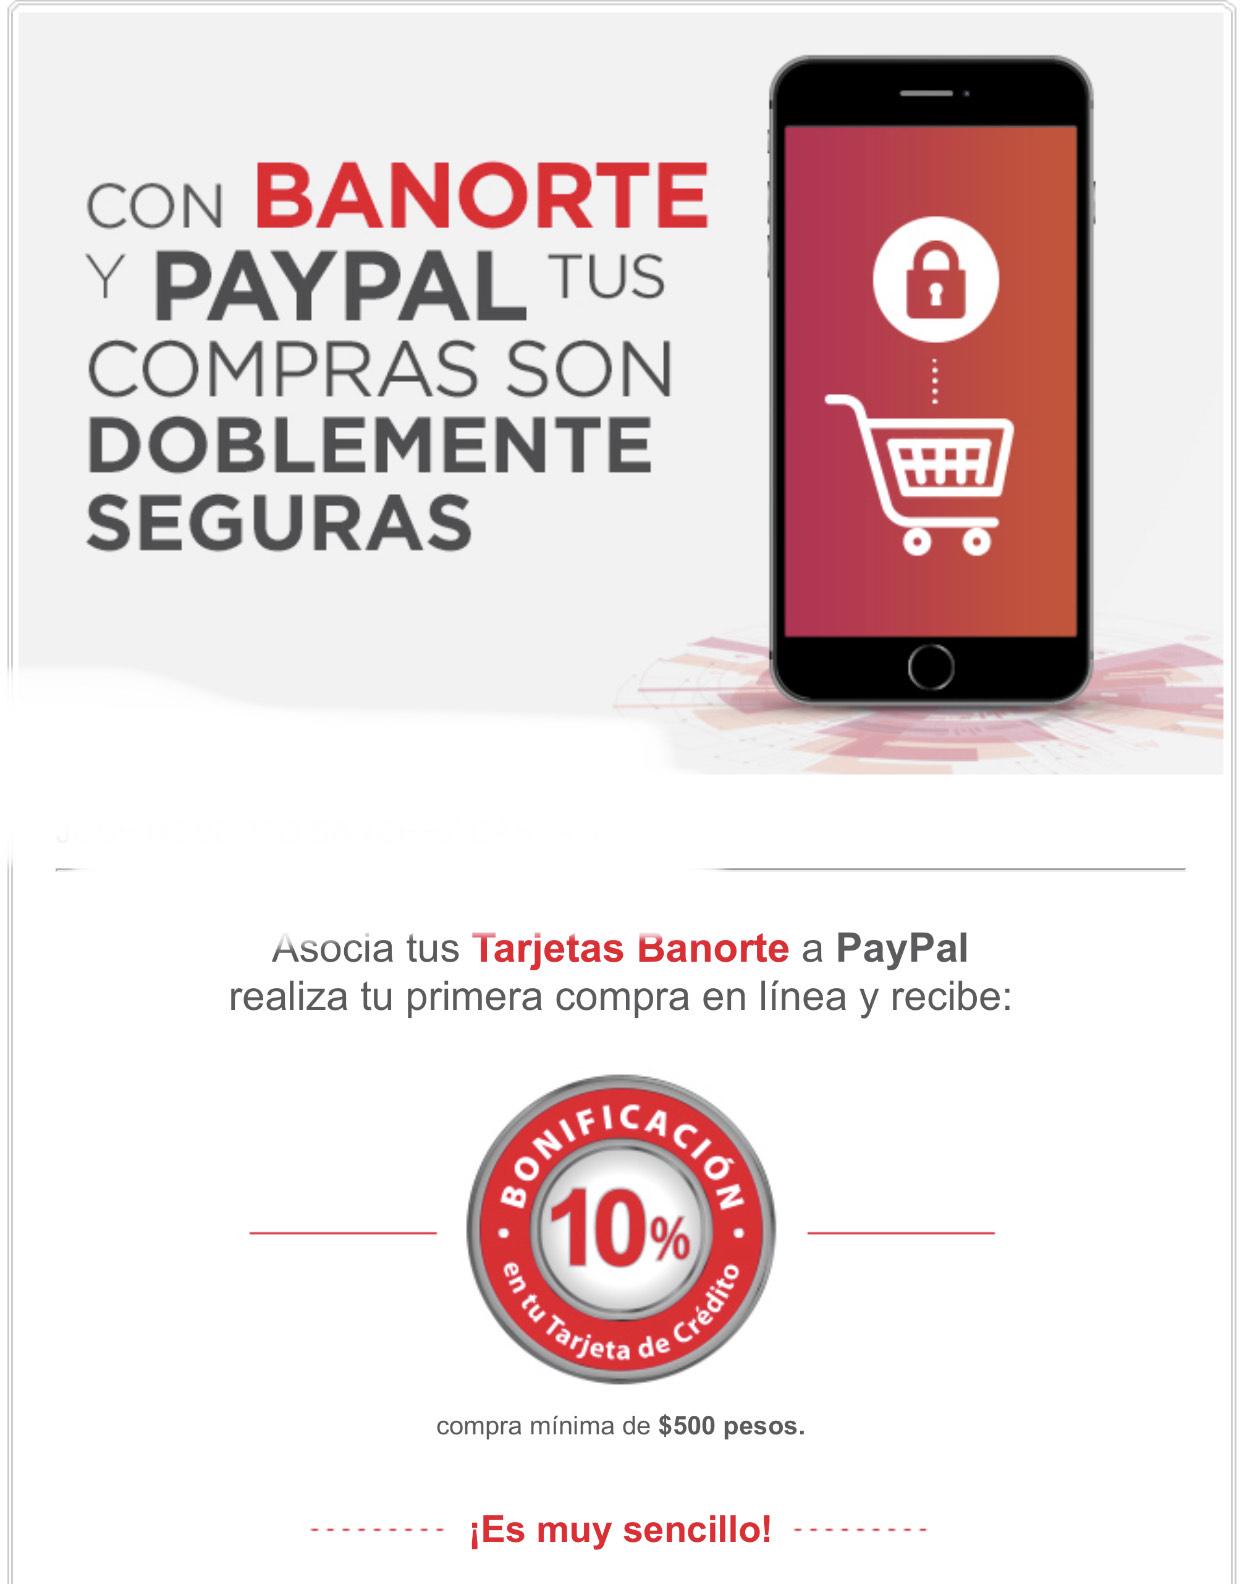 Banorte: 10% Bonificación al asociar con PayPal